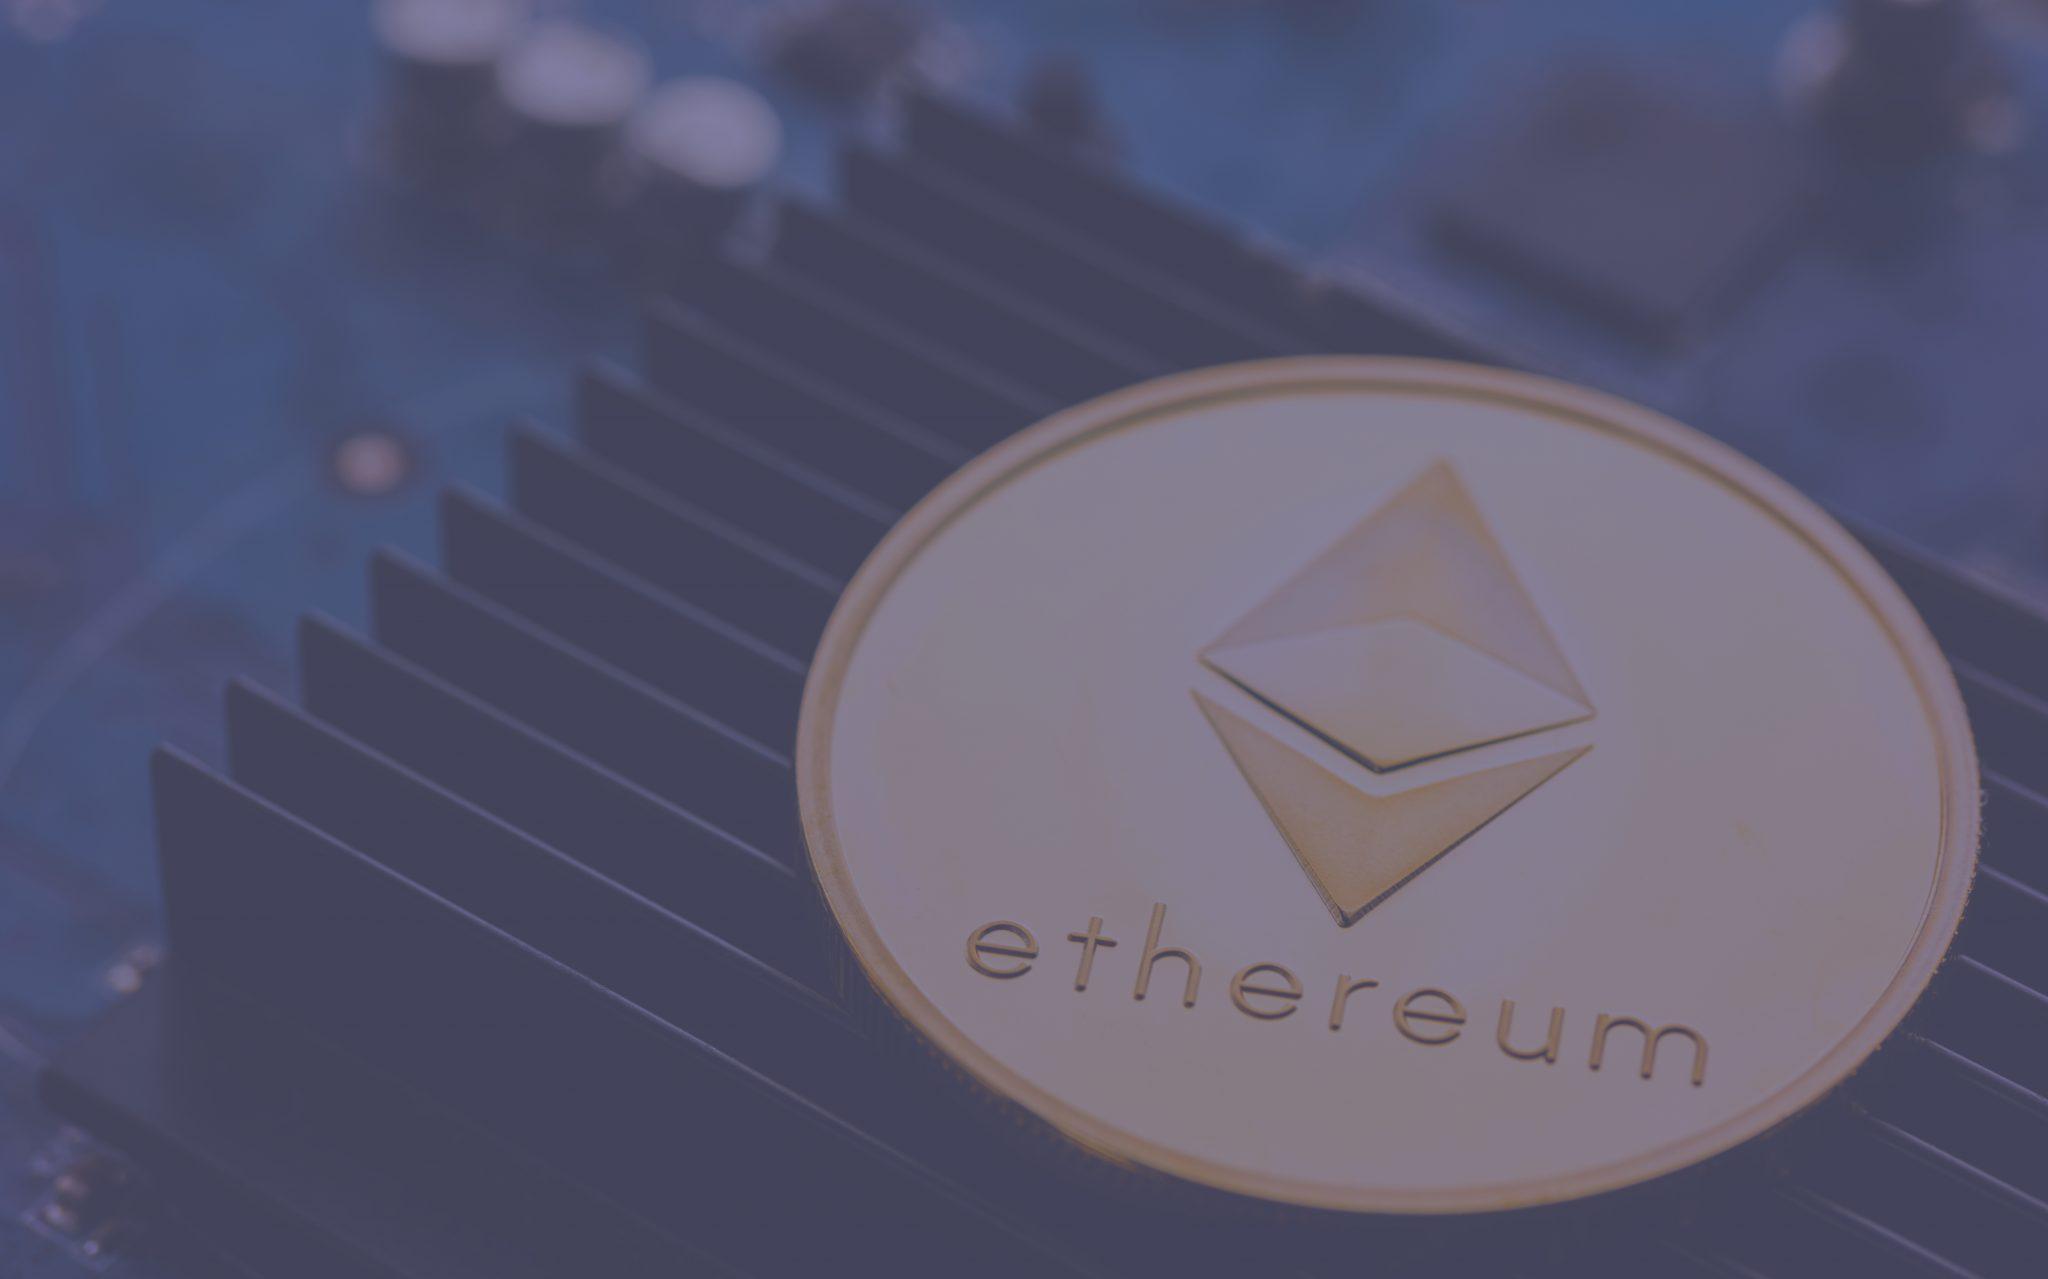 Ethereum(イーサリアム) Gas(ガス) 高騰 理由 EOS(イオス) コミュニティ